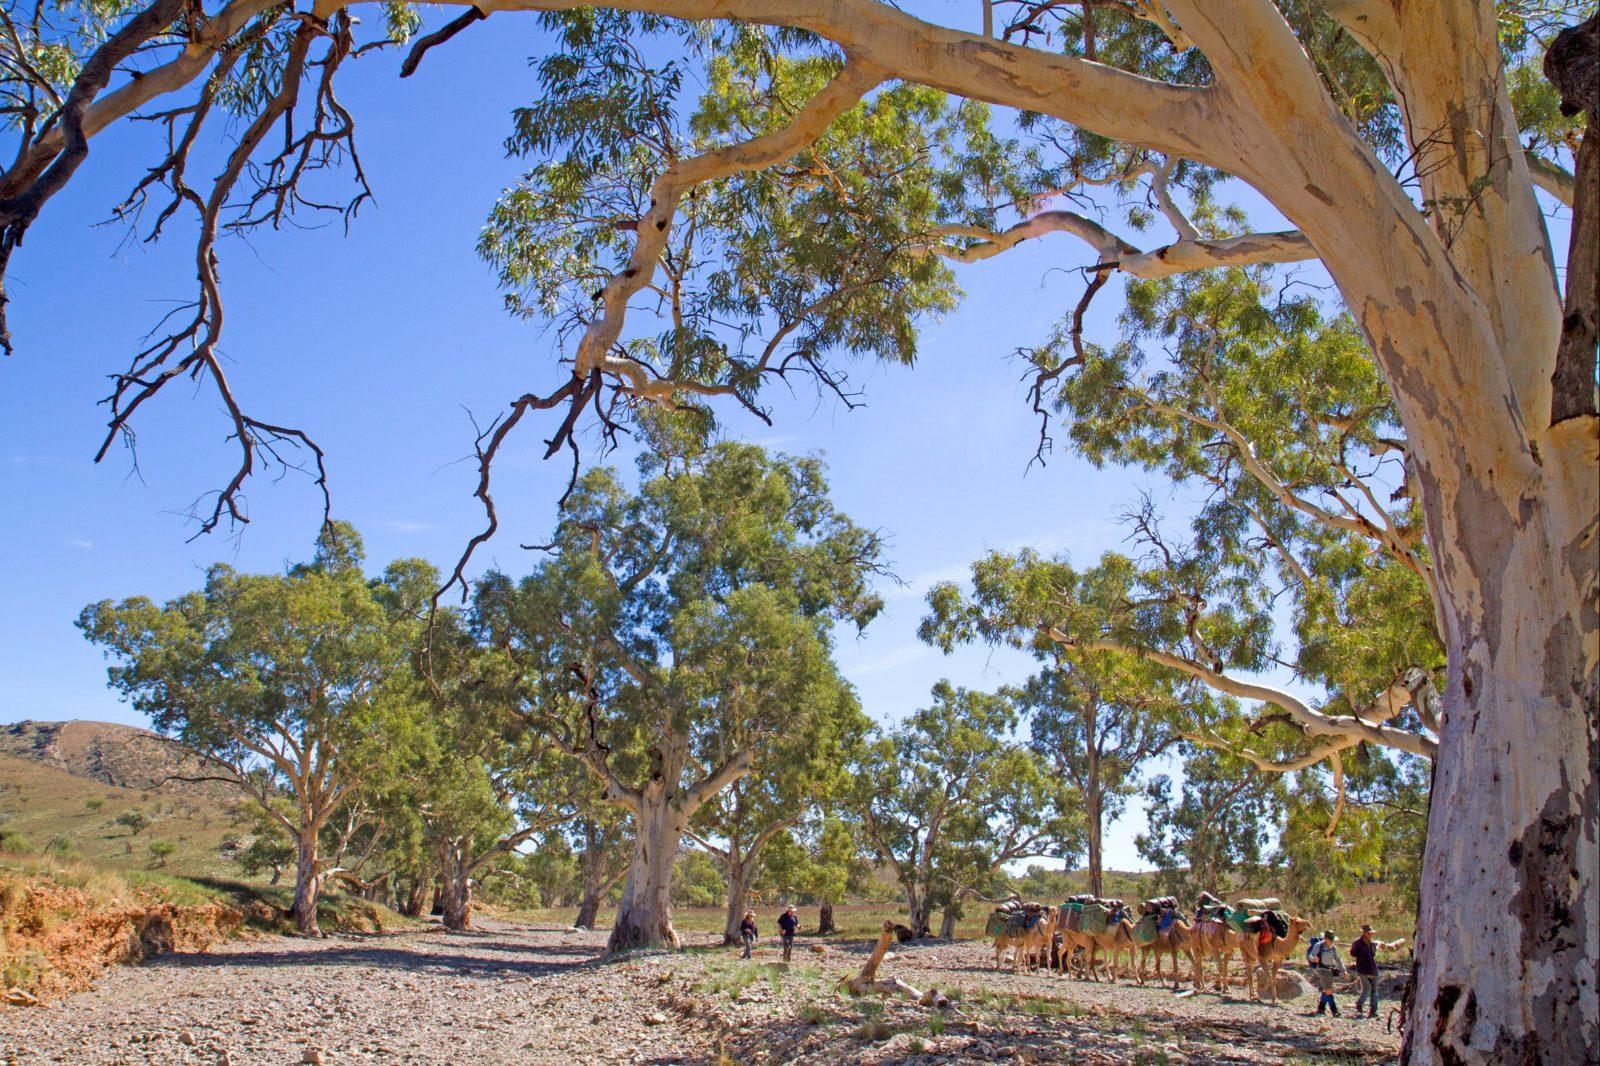 Heysen Trail and Flinders Ranges